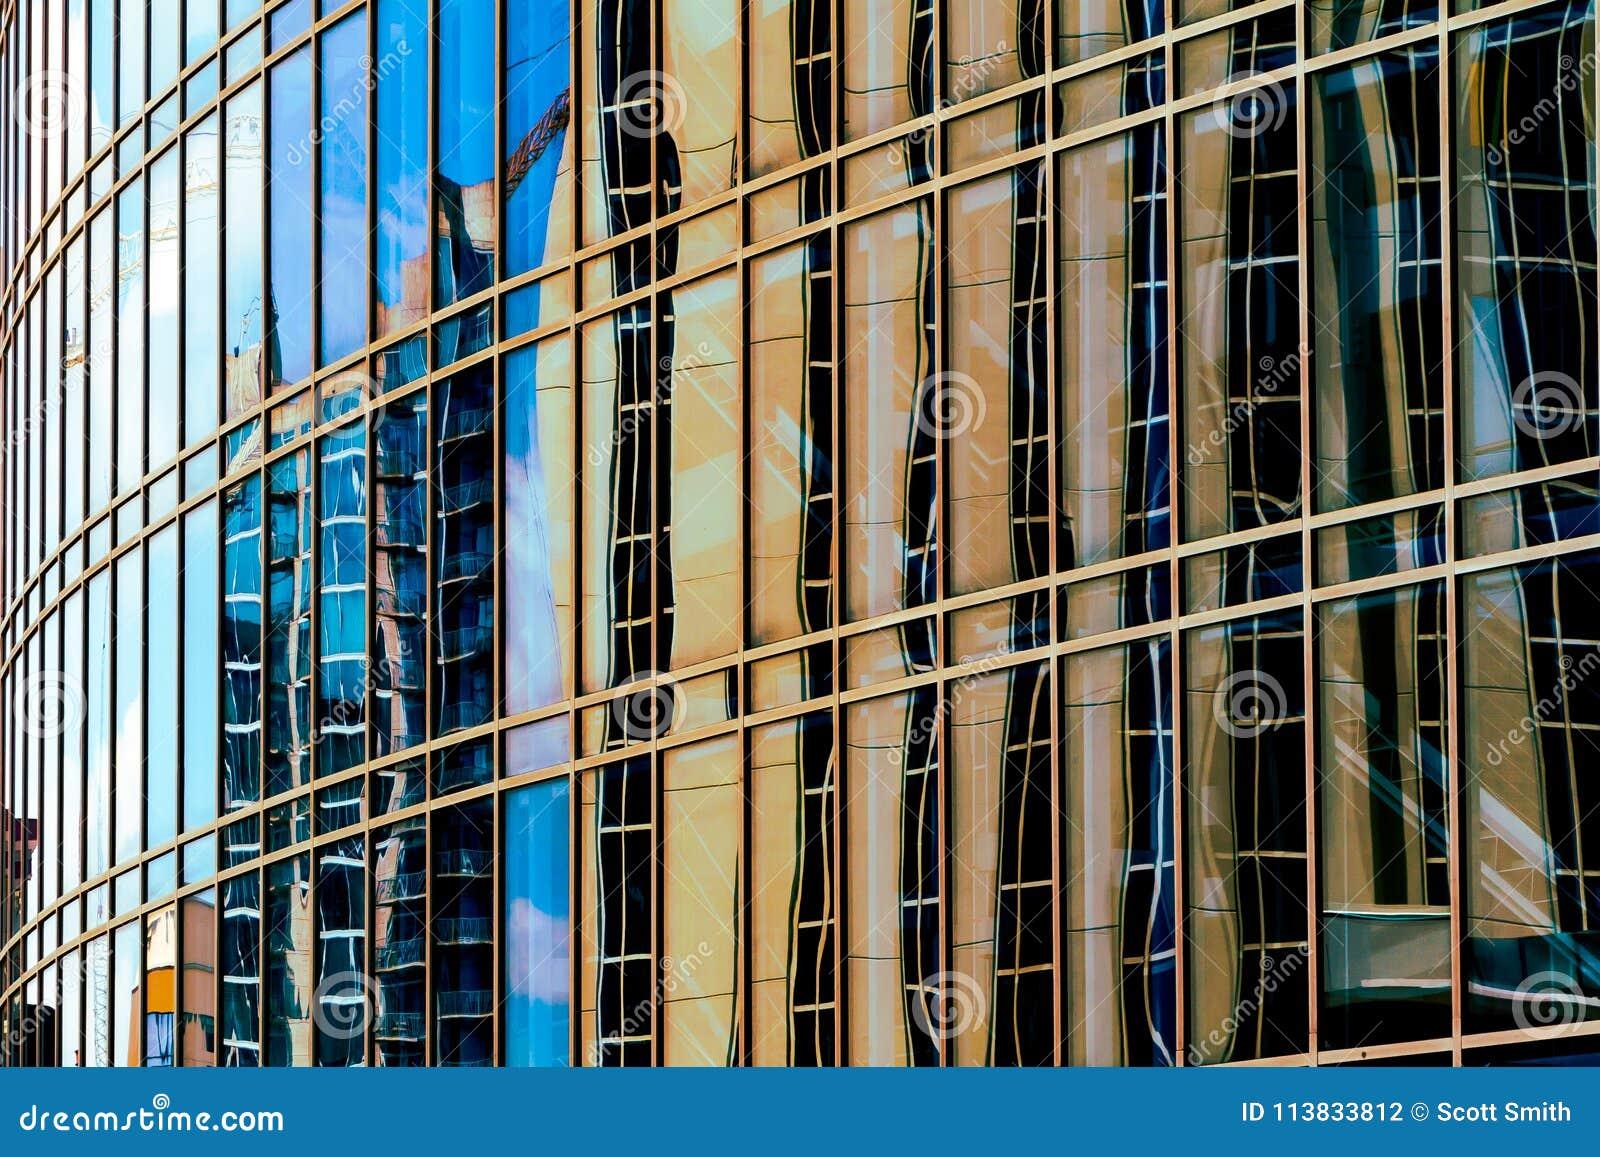 Reflexões urbanas abstratas com uma sensação moderna da ficção científica